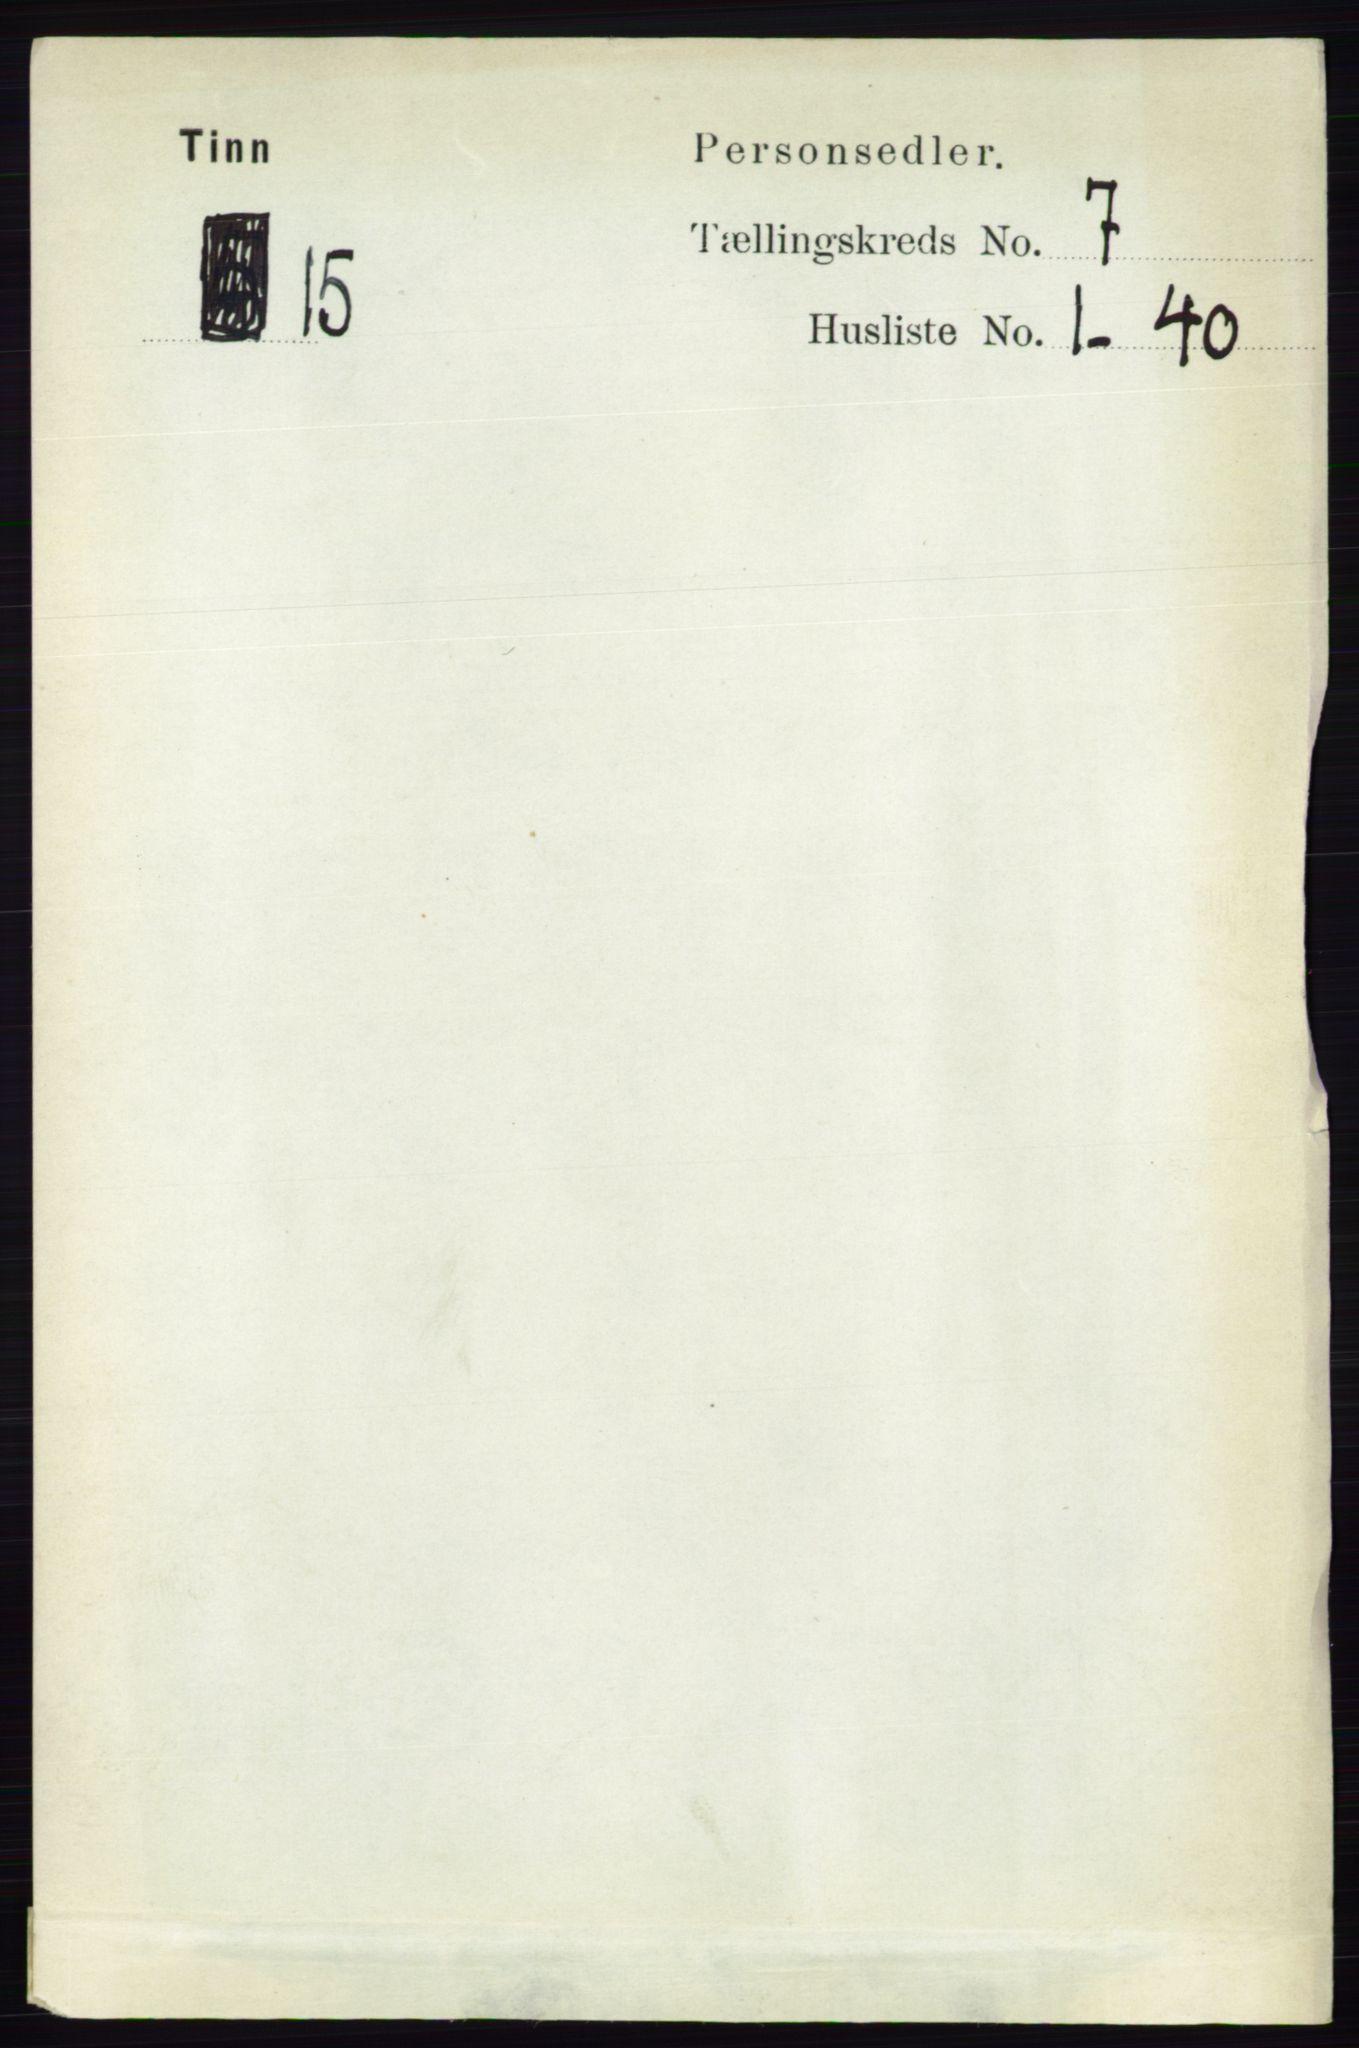 RA, Folketelling 1891 for 0826 Tinn herred, 1891, s. 1438